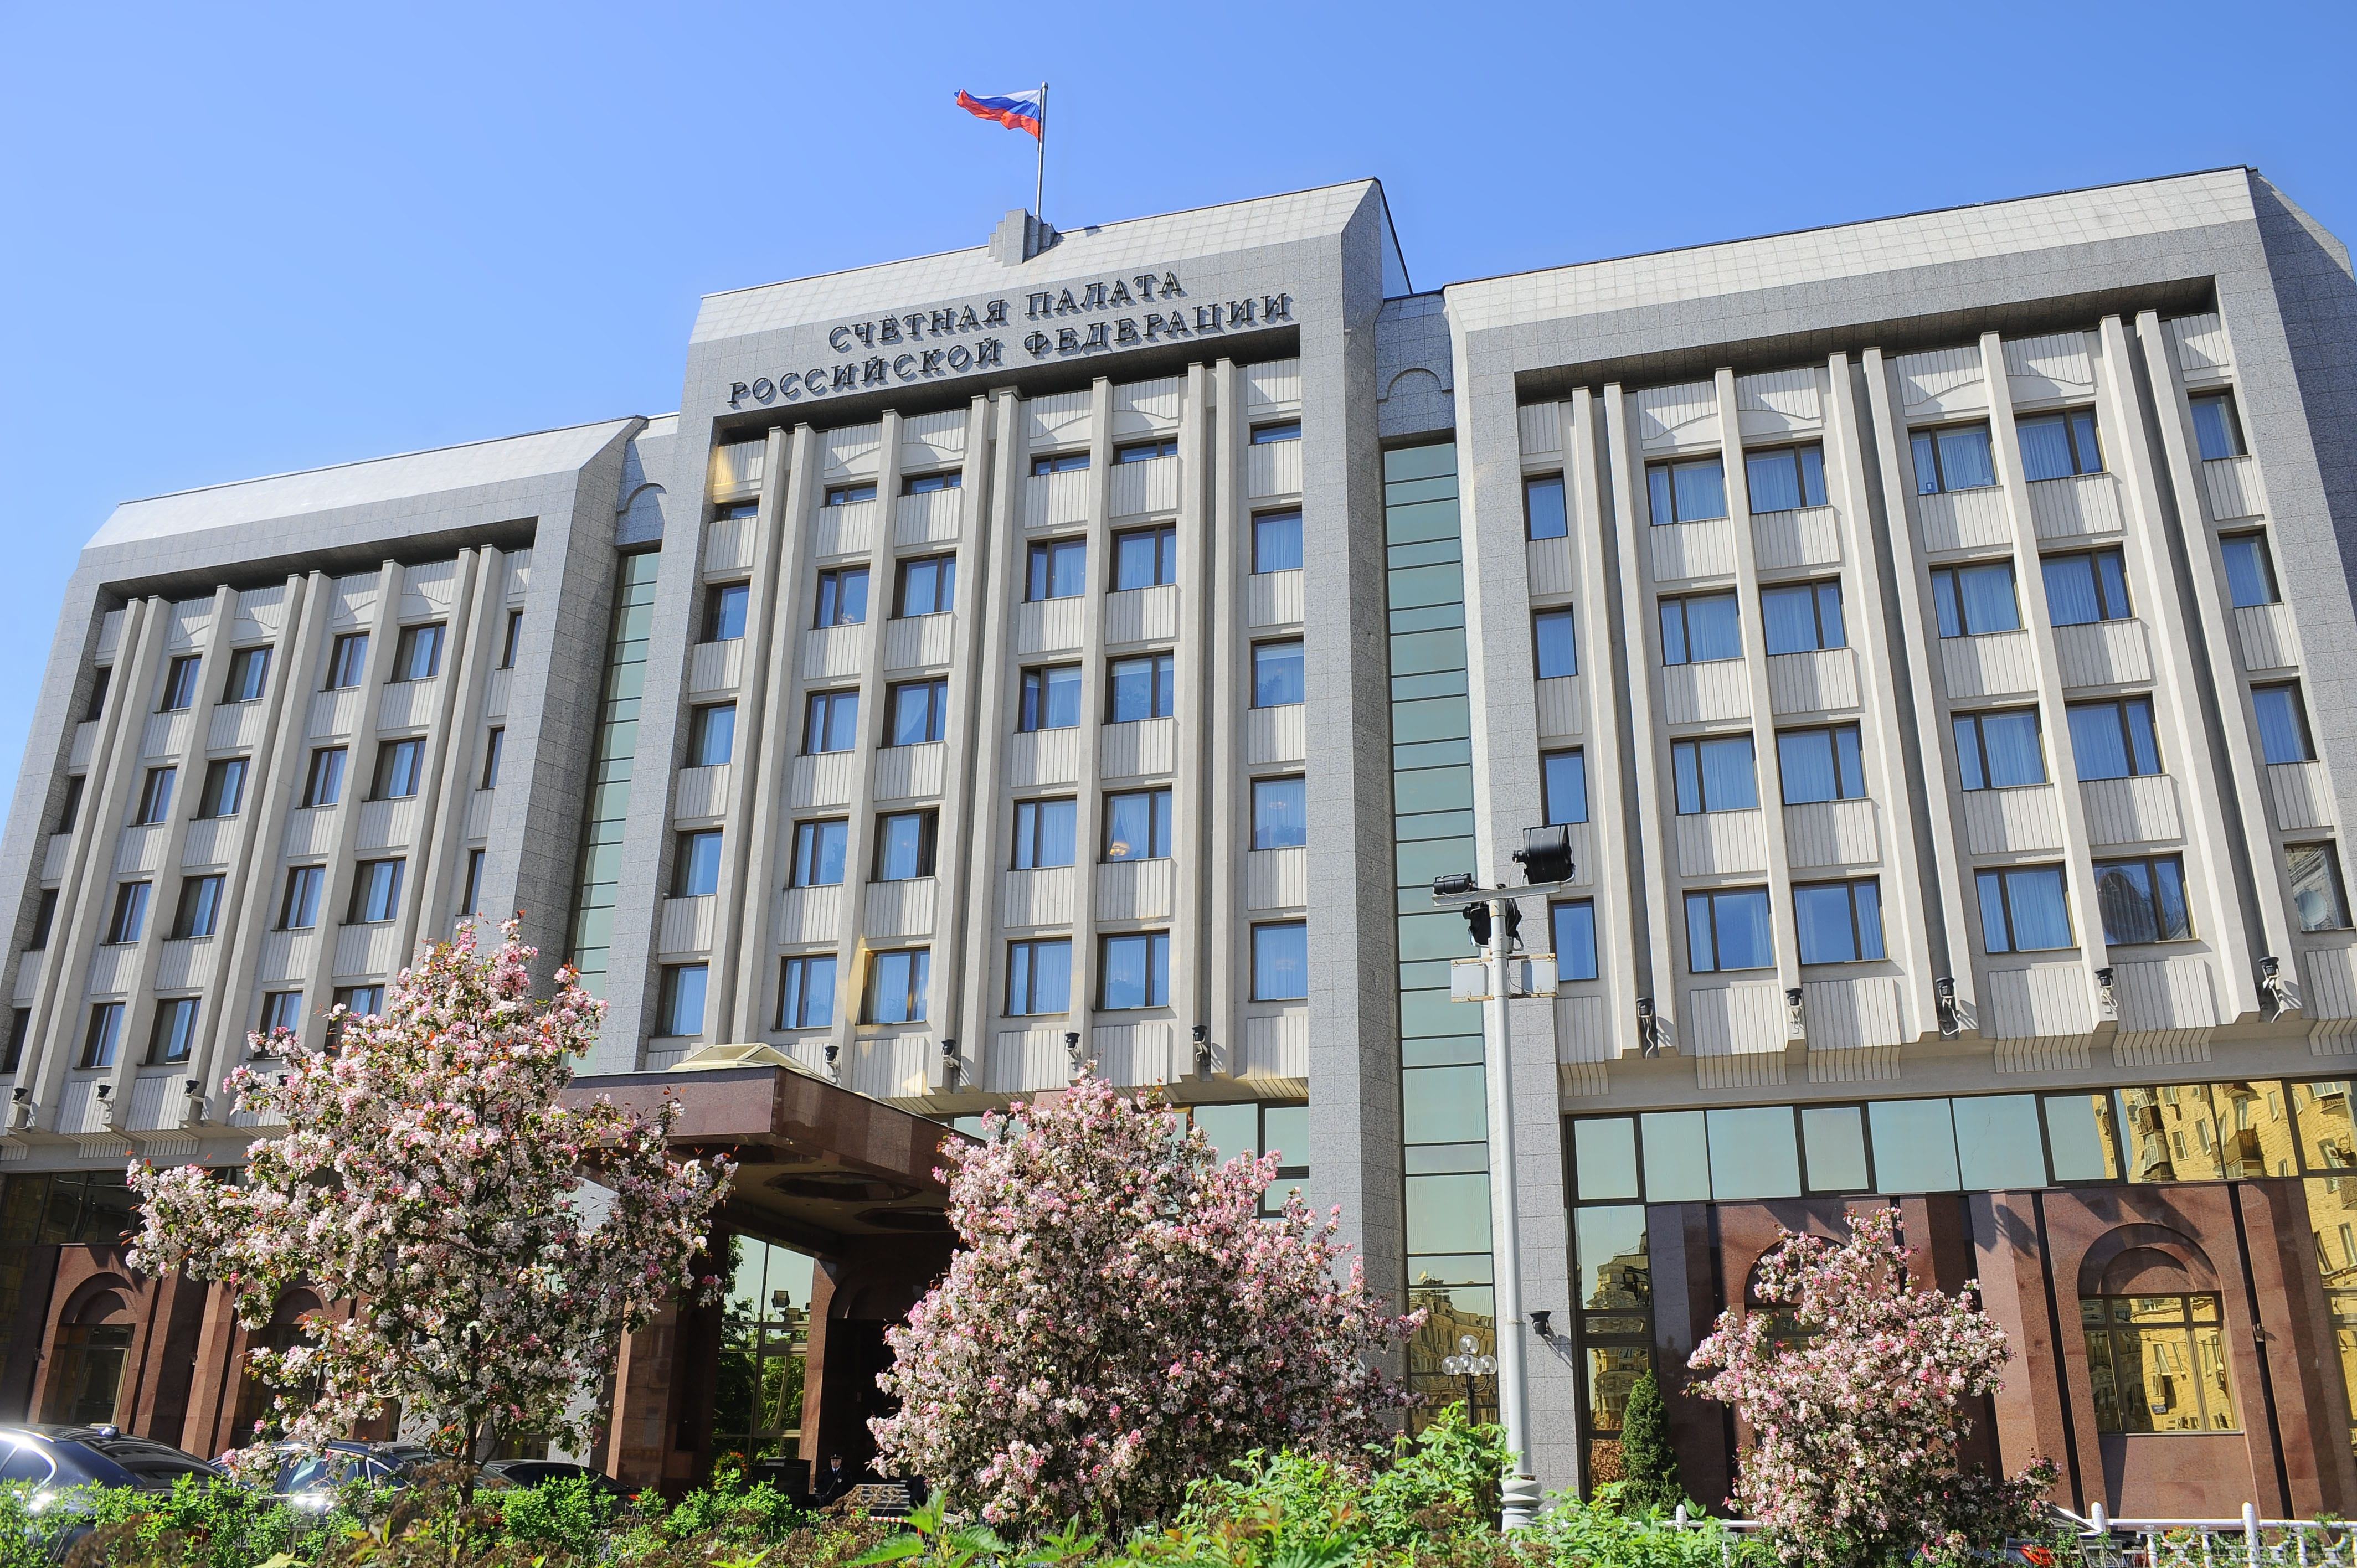 Докапитализация банков может способствовать потере 85 млрд руб. из федерального бюджета